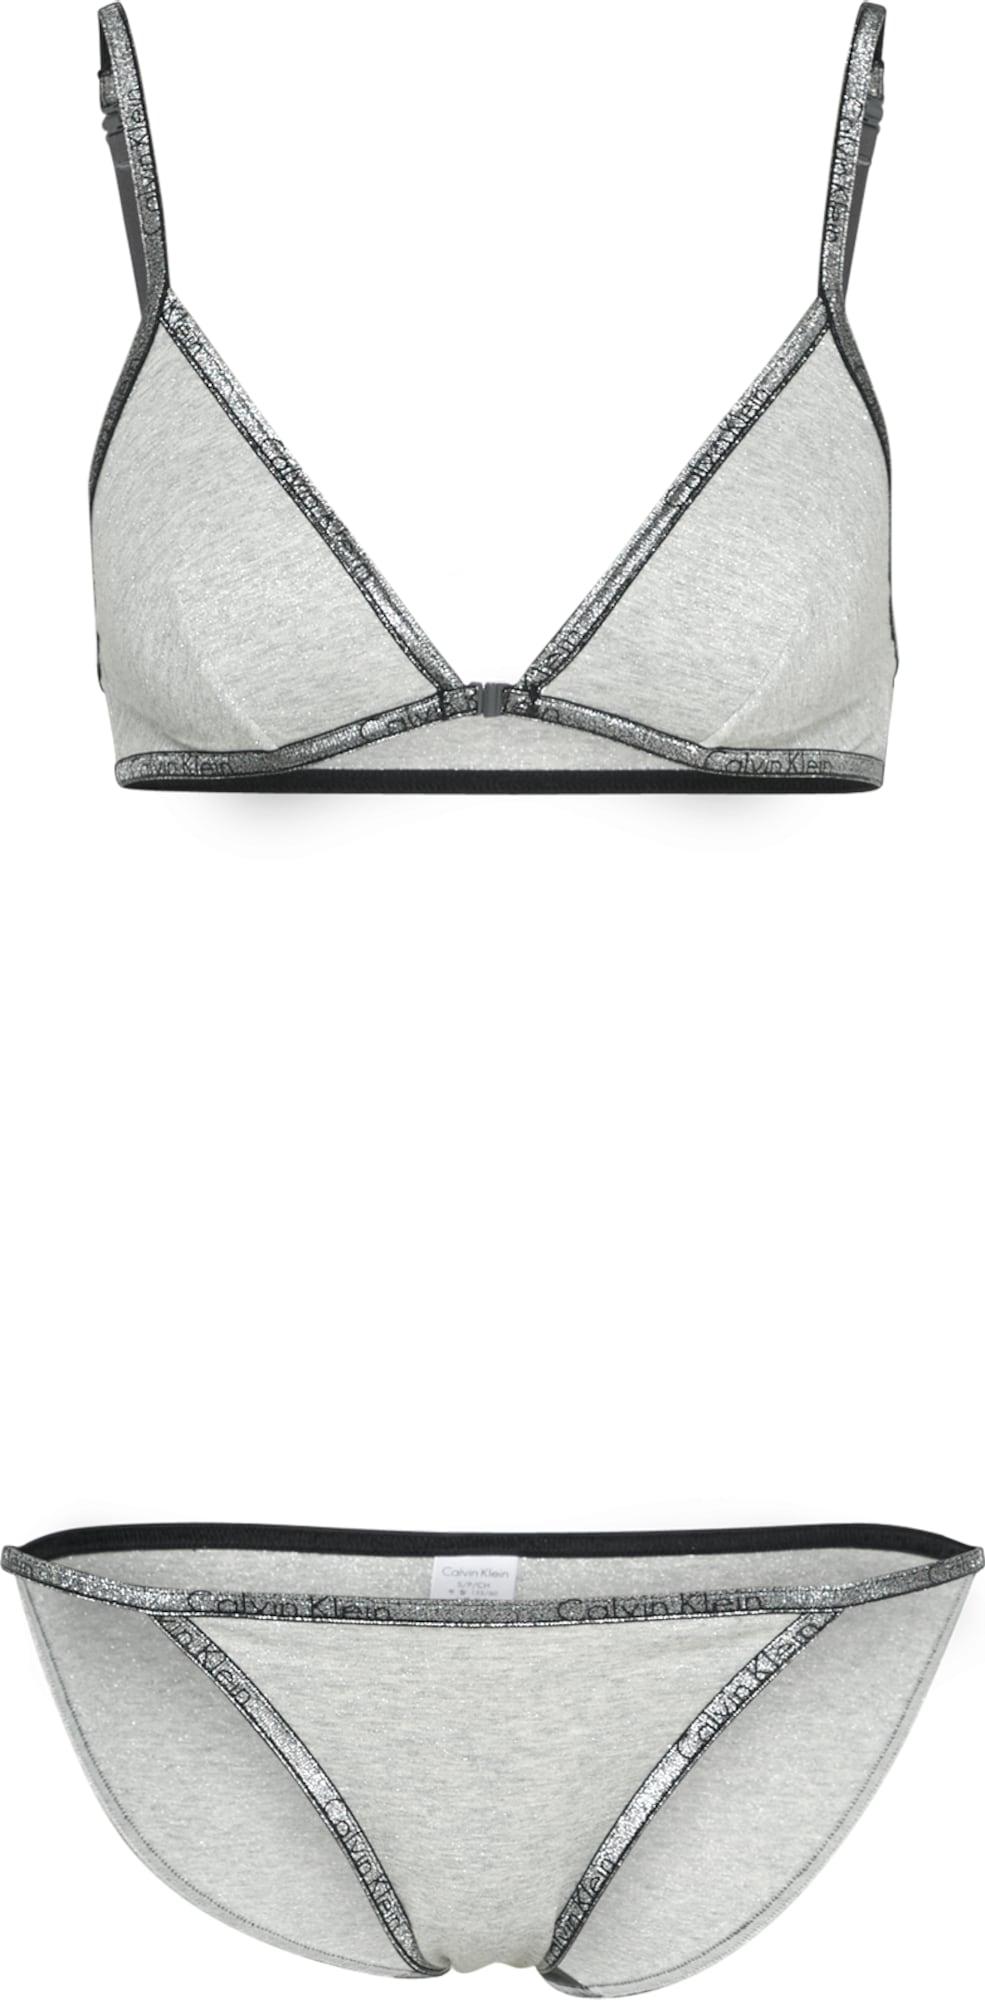 calvin klein underwear unterw sche set in grau about you. Black Bedroom Furniture Sets. Home Design Ideas